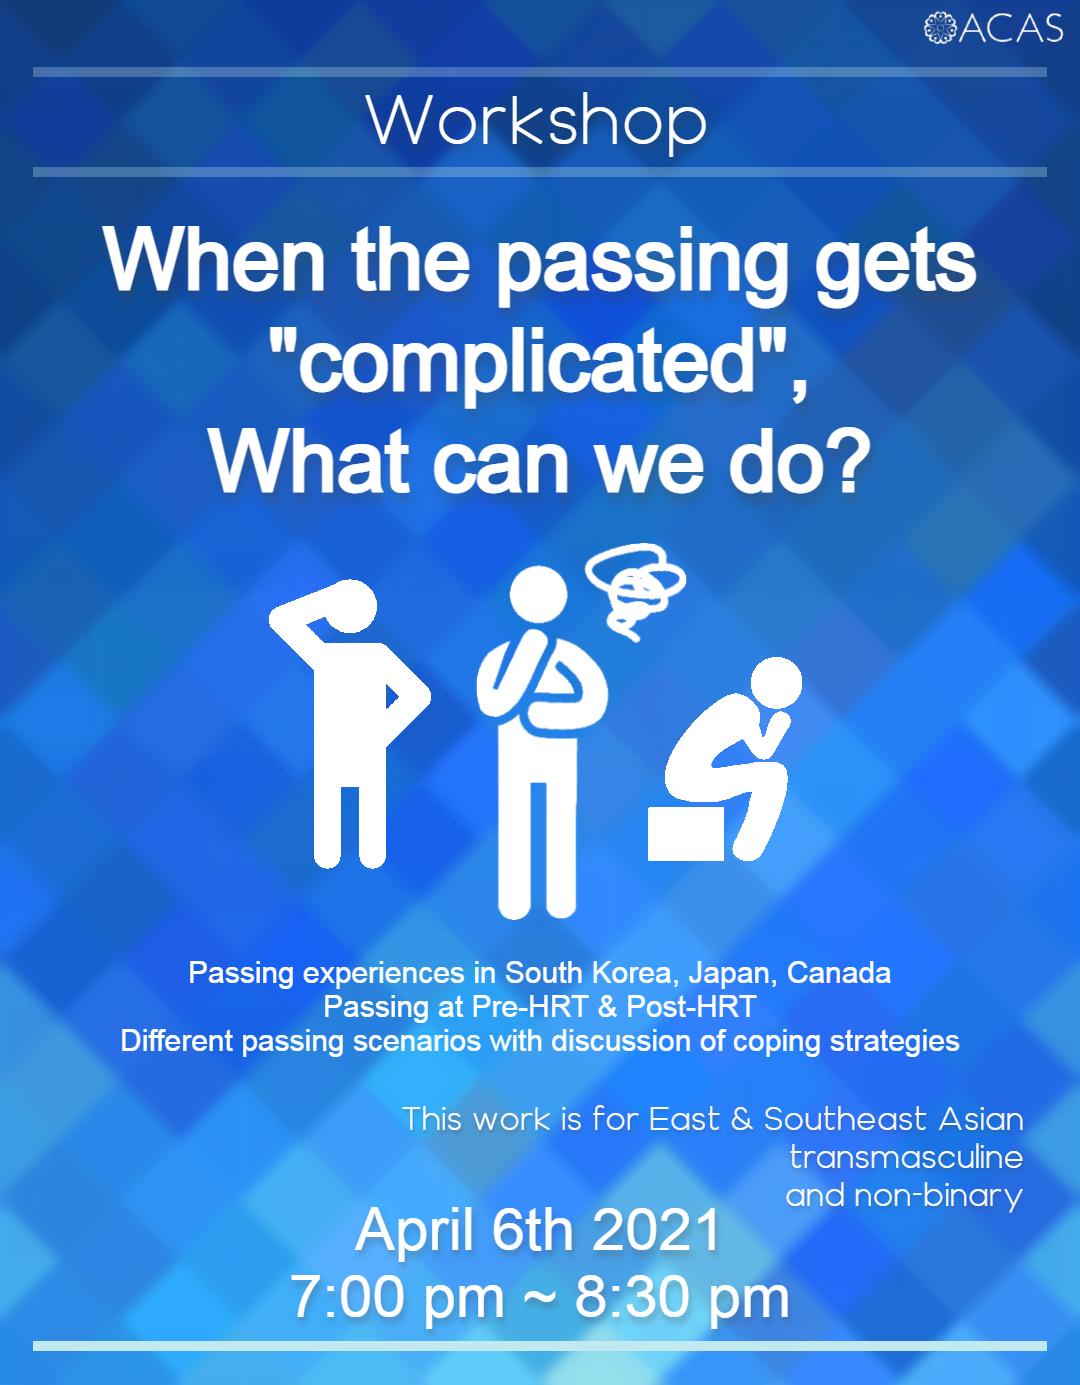 poster for transmasc group workshop april 6